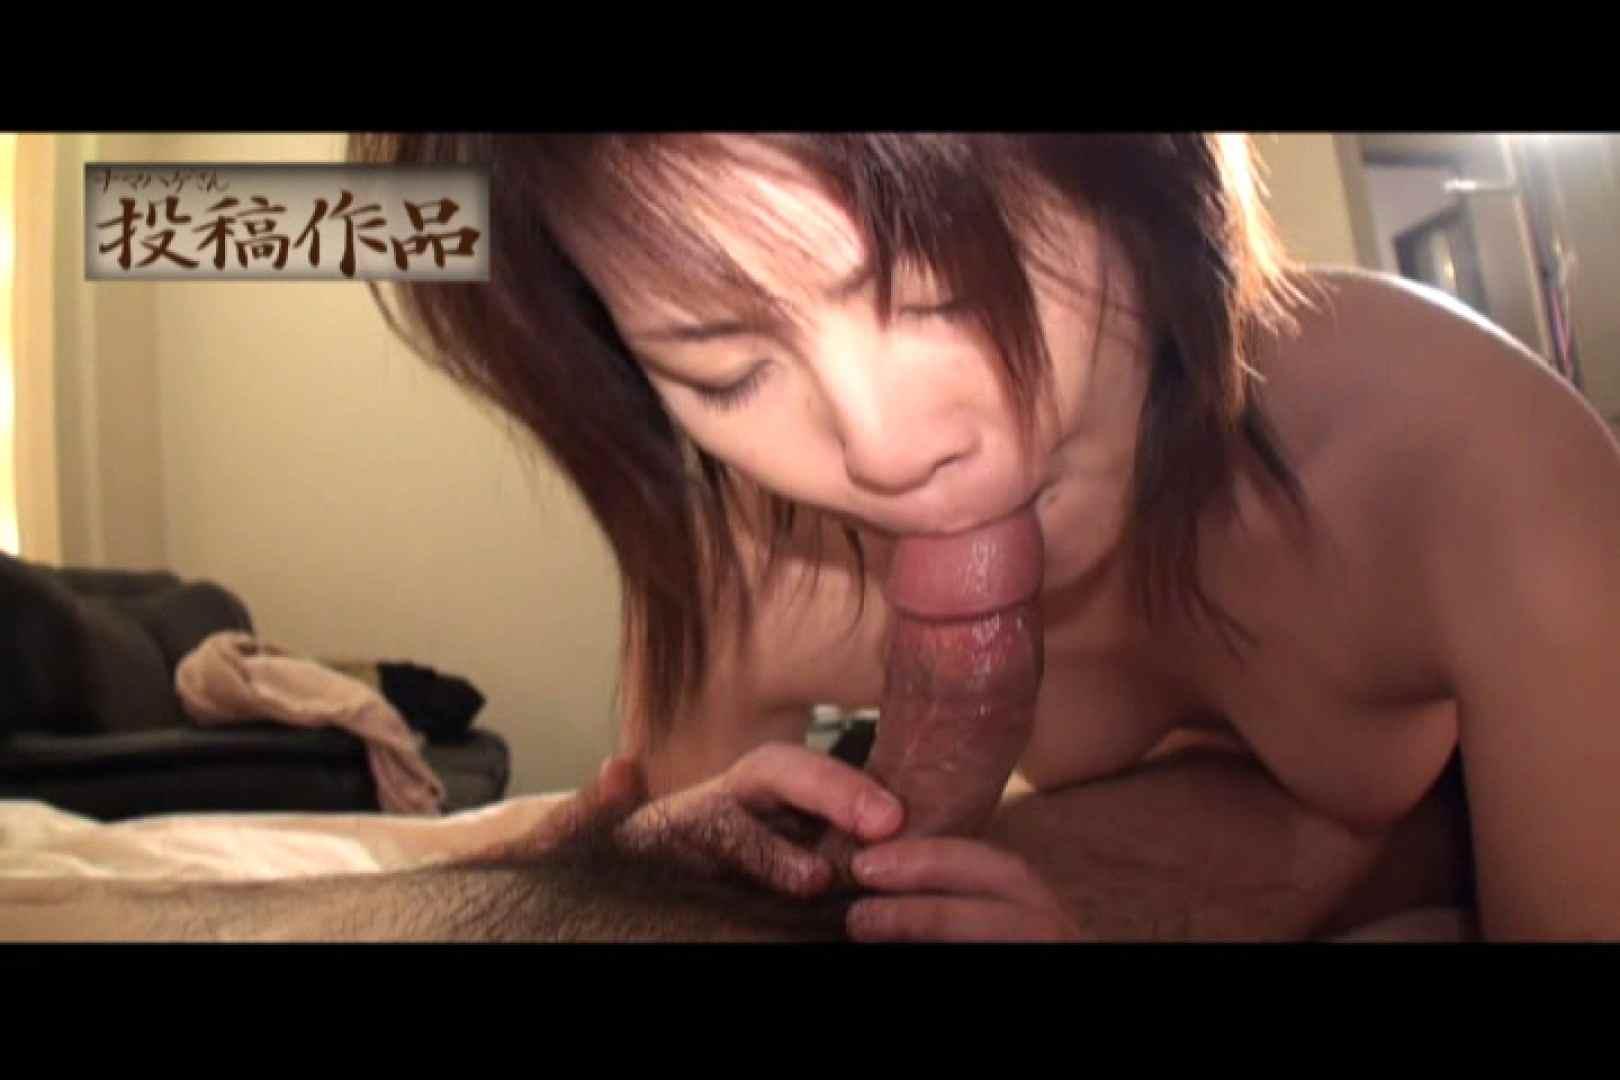 ナマハゲさんのまんこコレクションmayumi02 パイパン映像 | 一般投稿  106pic 43